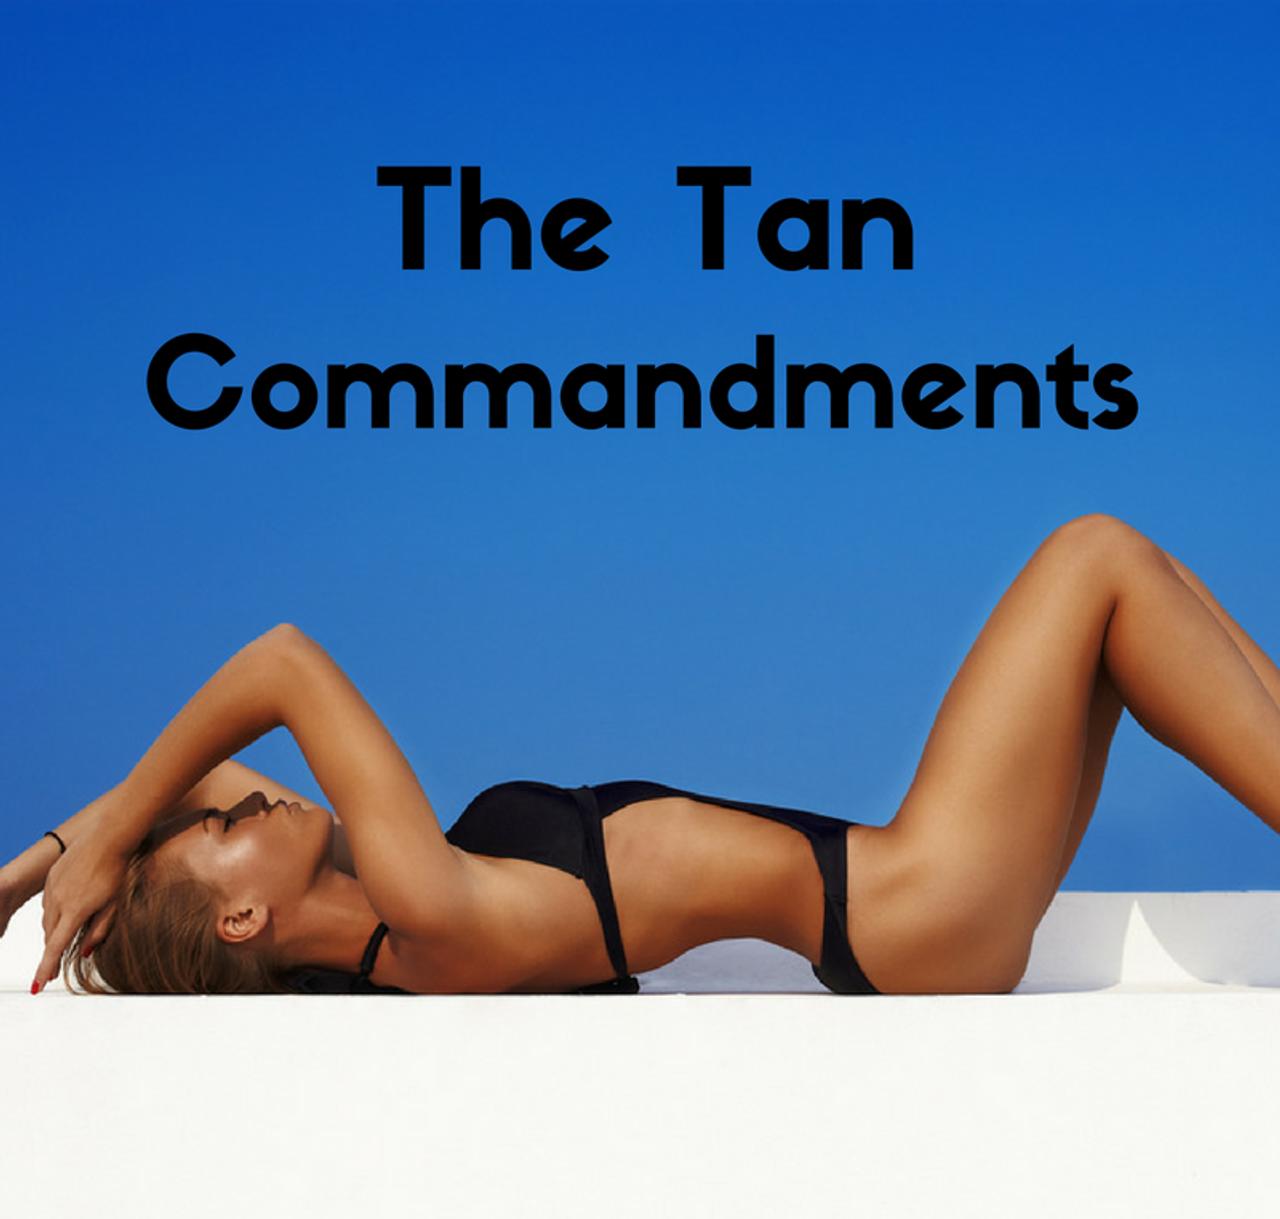 A Guide Through The Tan Commandments